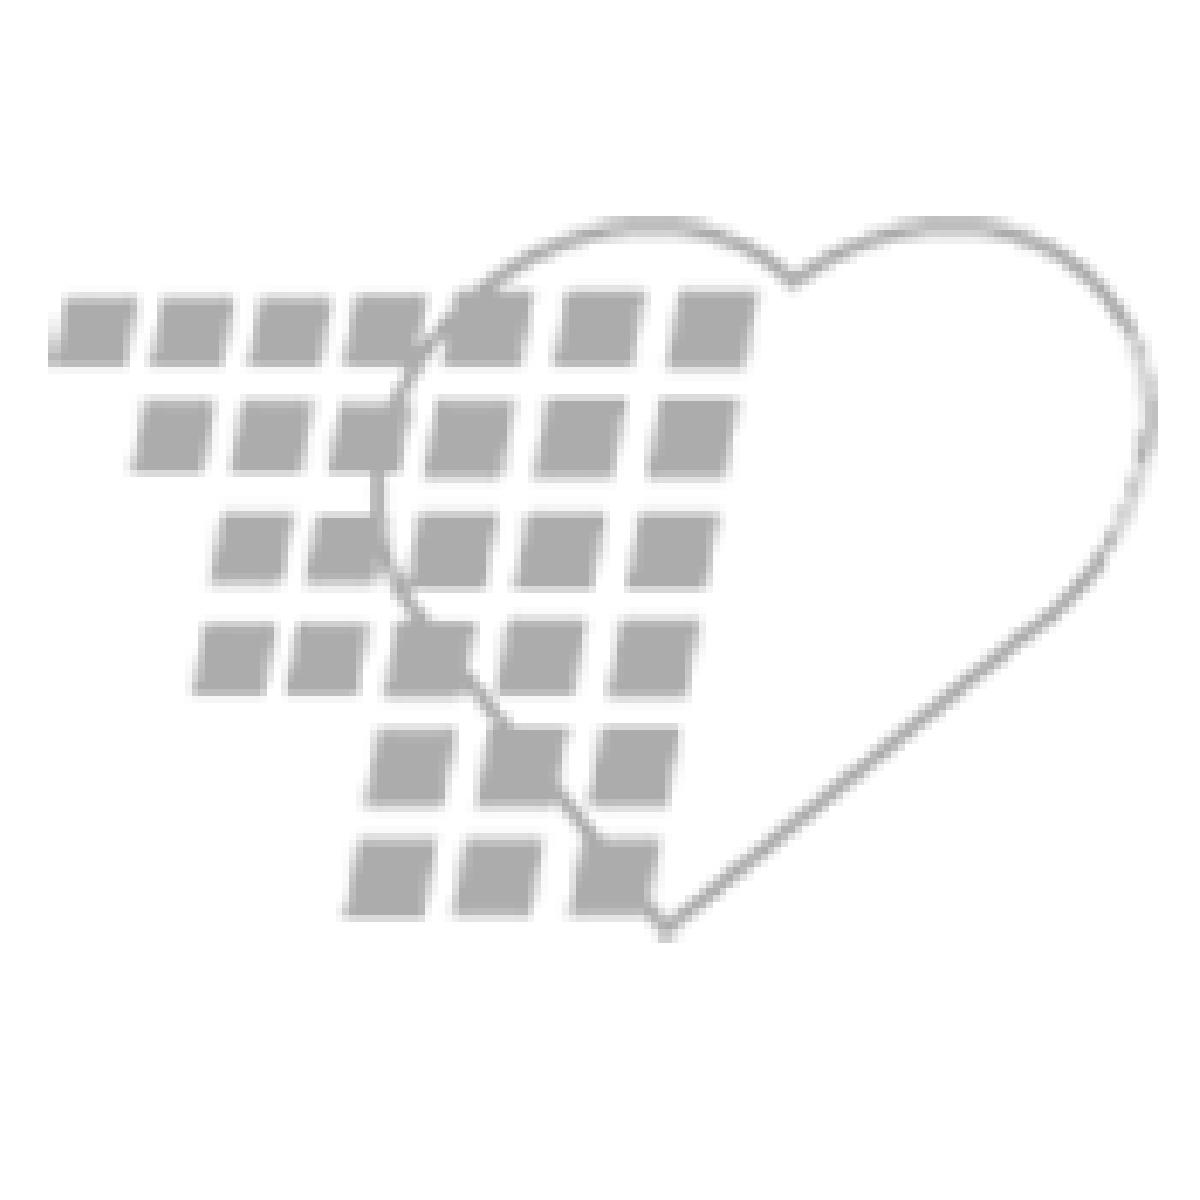 06-82-2251 Monoject™ Safety Needle Holder